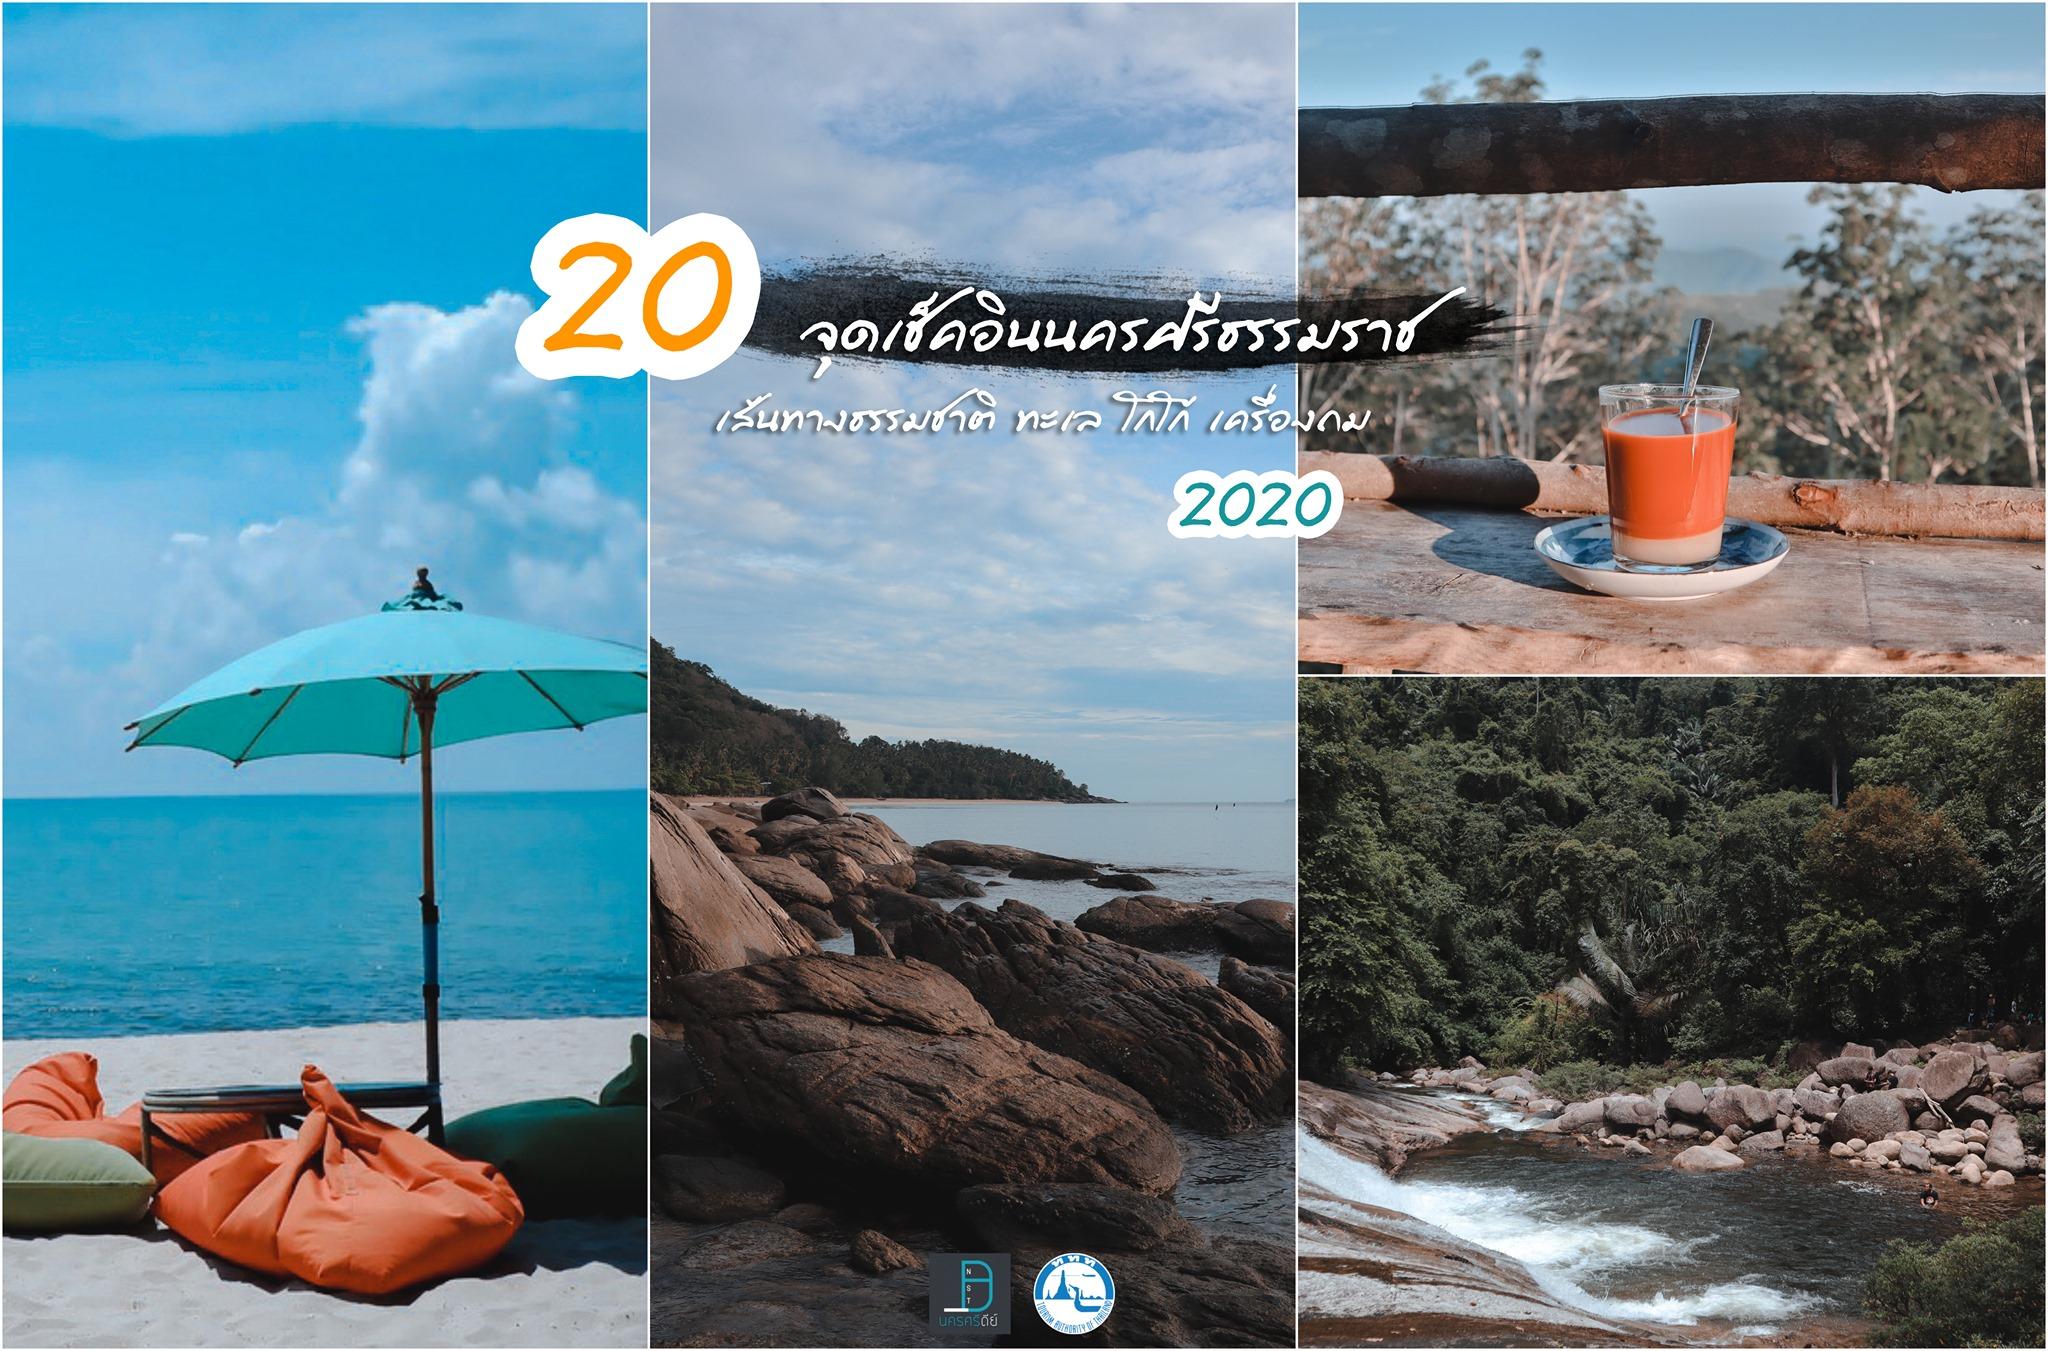 20 จุดเช็คอินนครศรีธรรมราช 2021 ธรรมชาติ ทะเล เส้นทางโกโก้ เครื่องถม